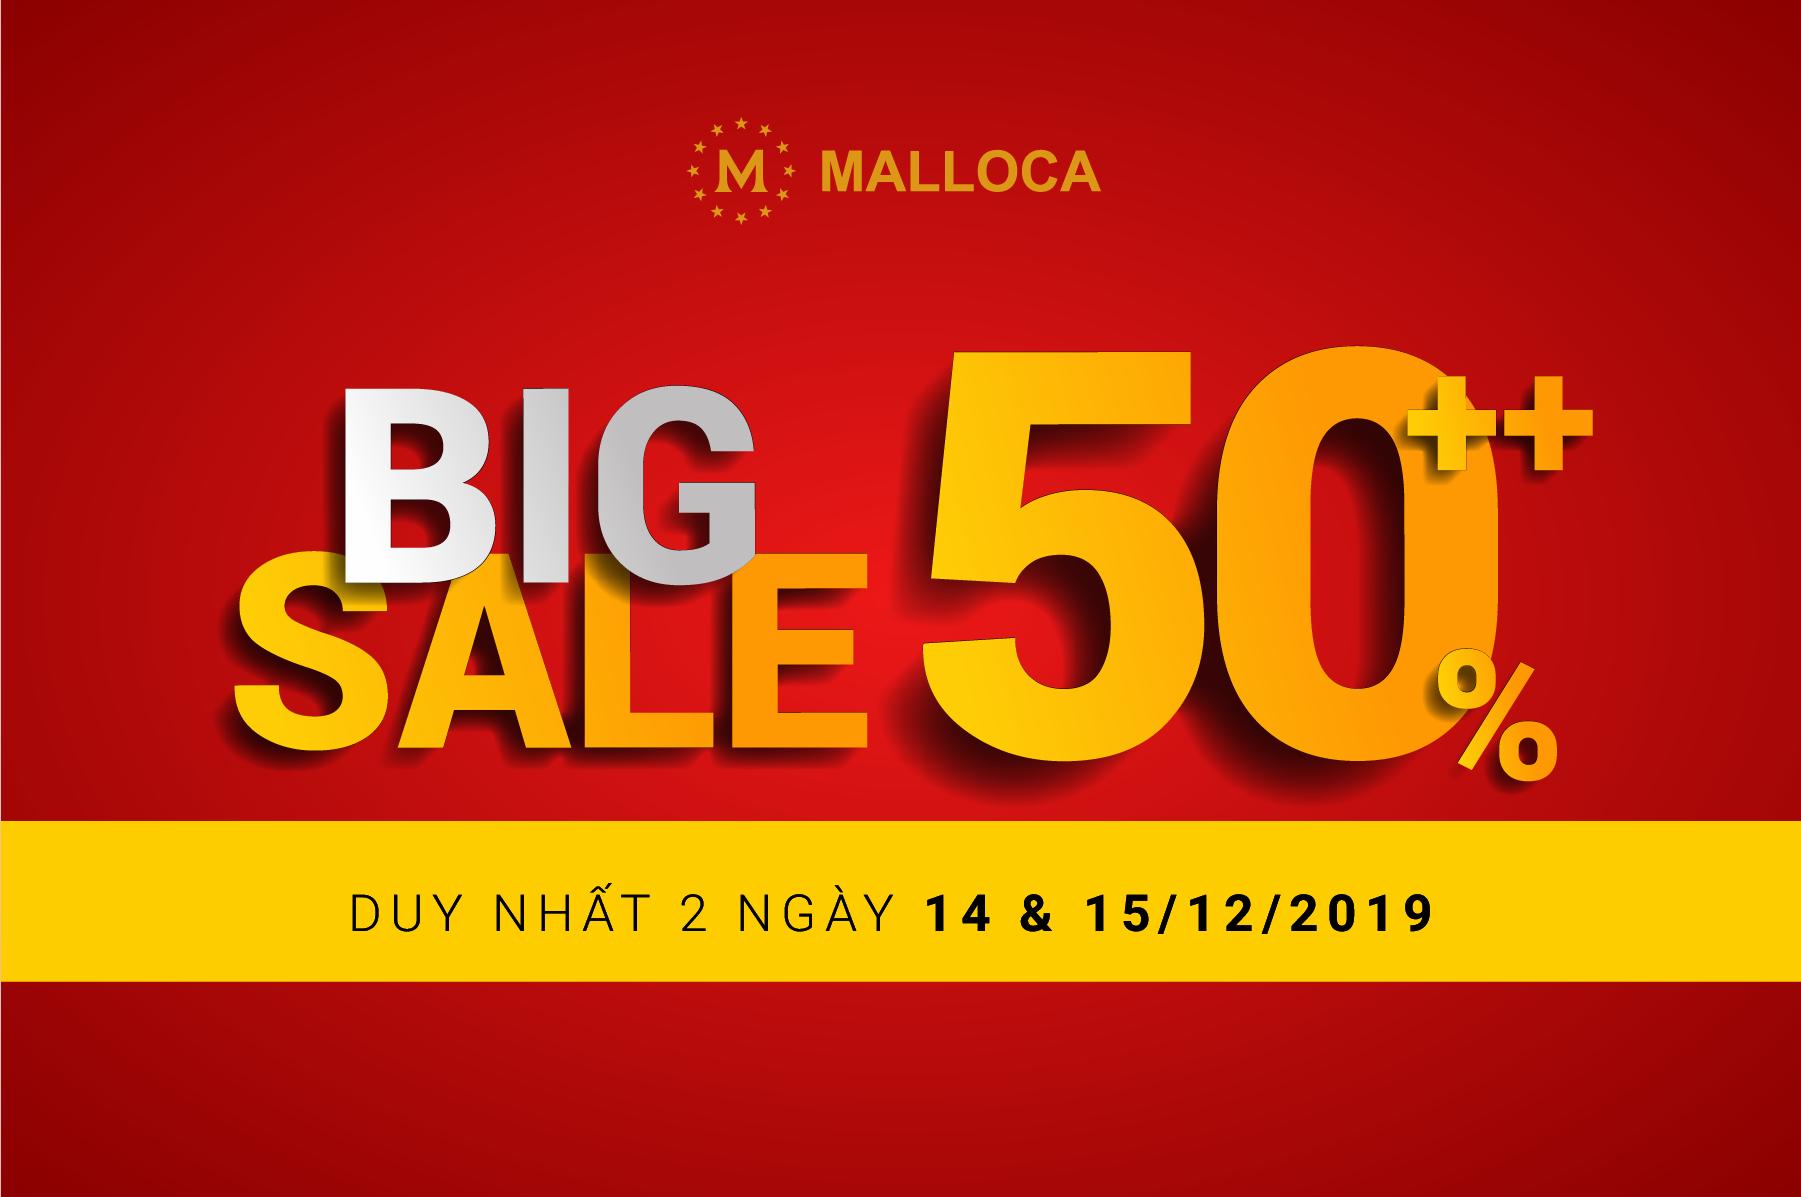 Malloca giảm giá big sale lên đến 50% tháng 12.2019